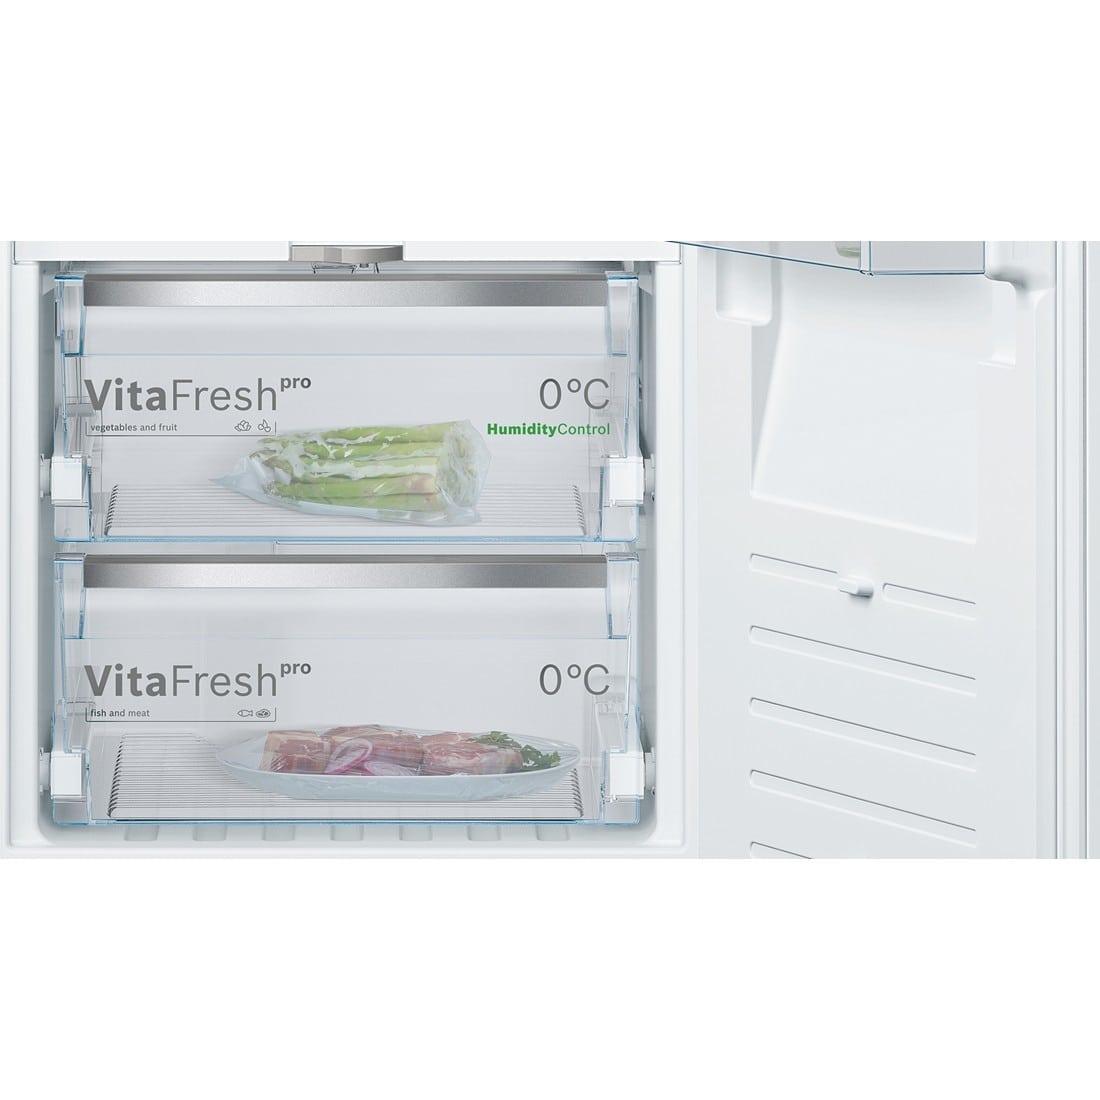 Kühlschrank Zahl Temperatur bosch kif41ad40 einbau kühlschrank expert technomarkt